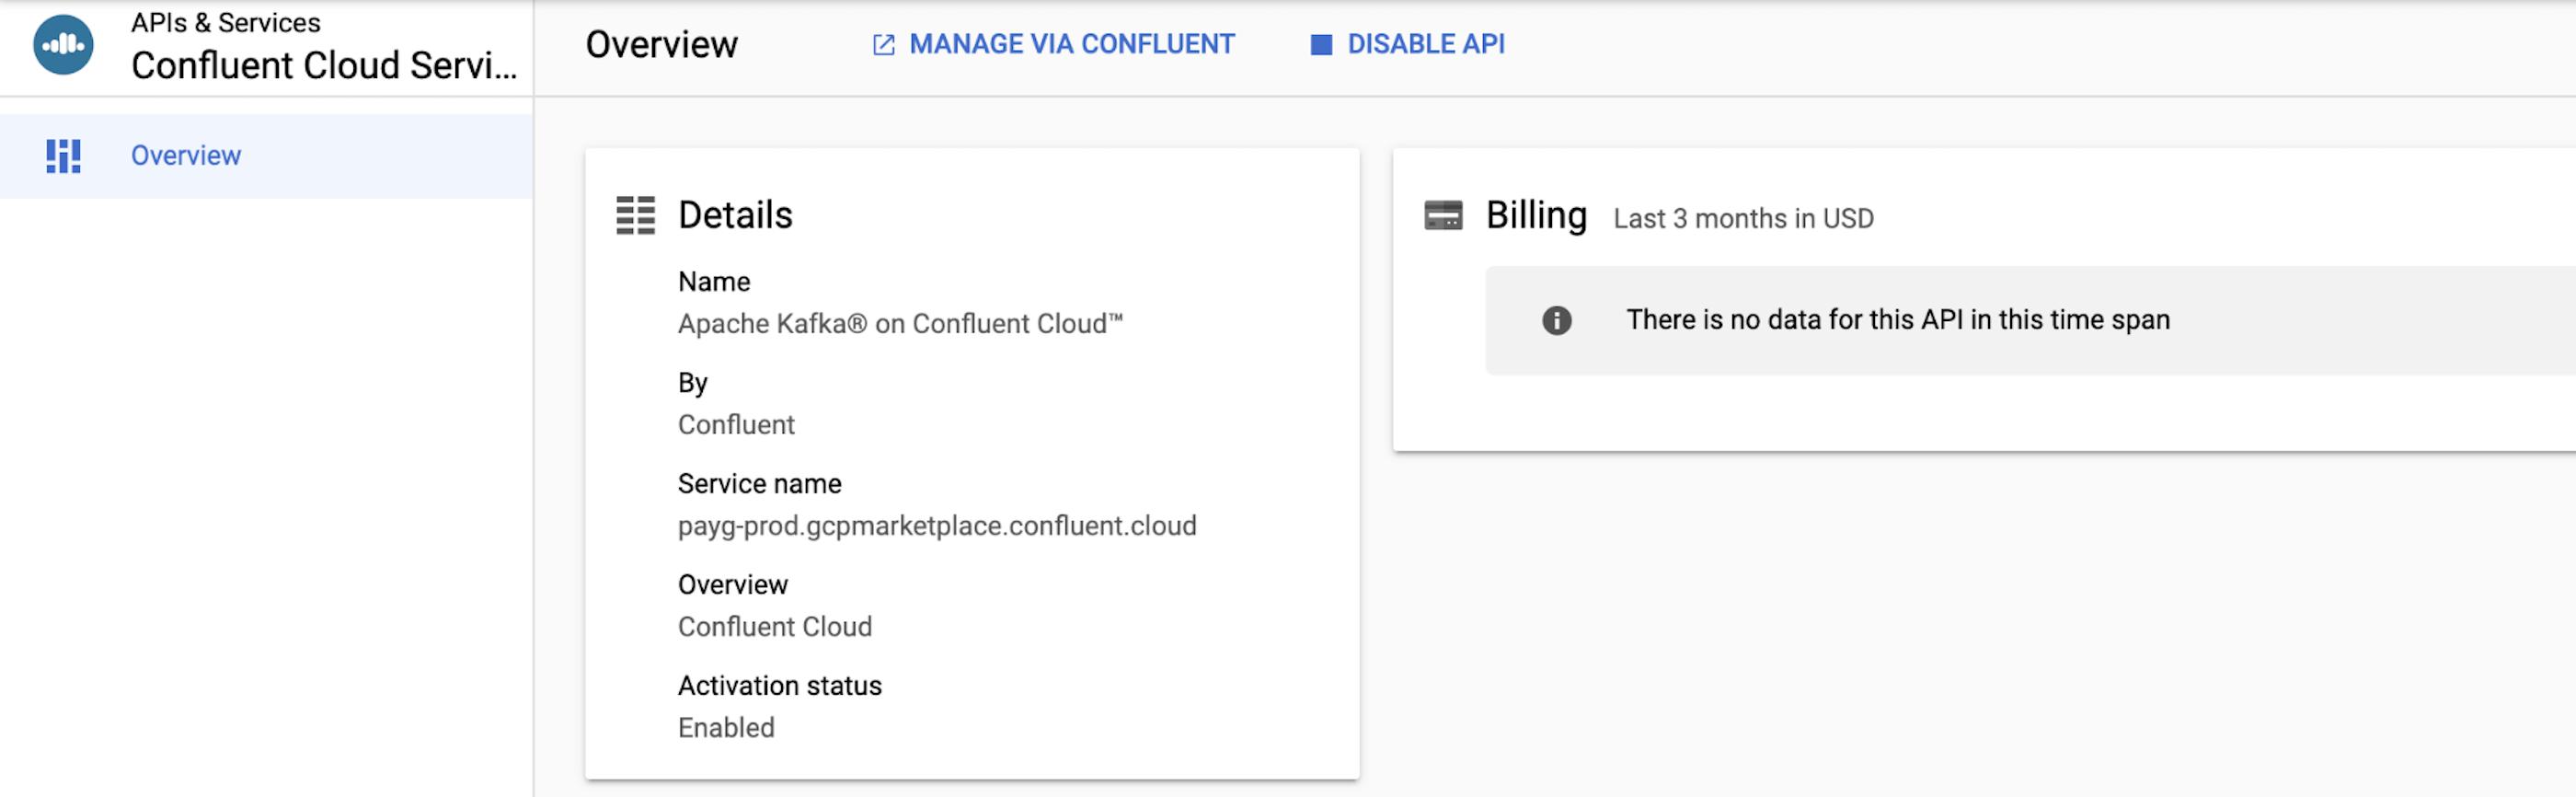 APIs & Services Confluent Cloud Services   Overview